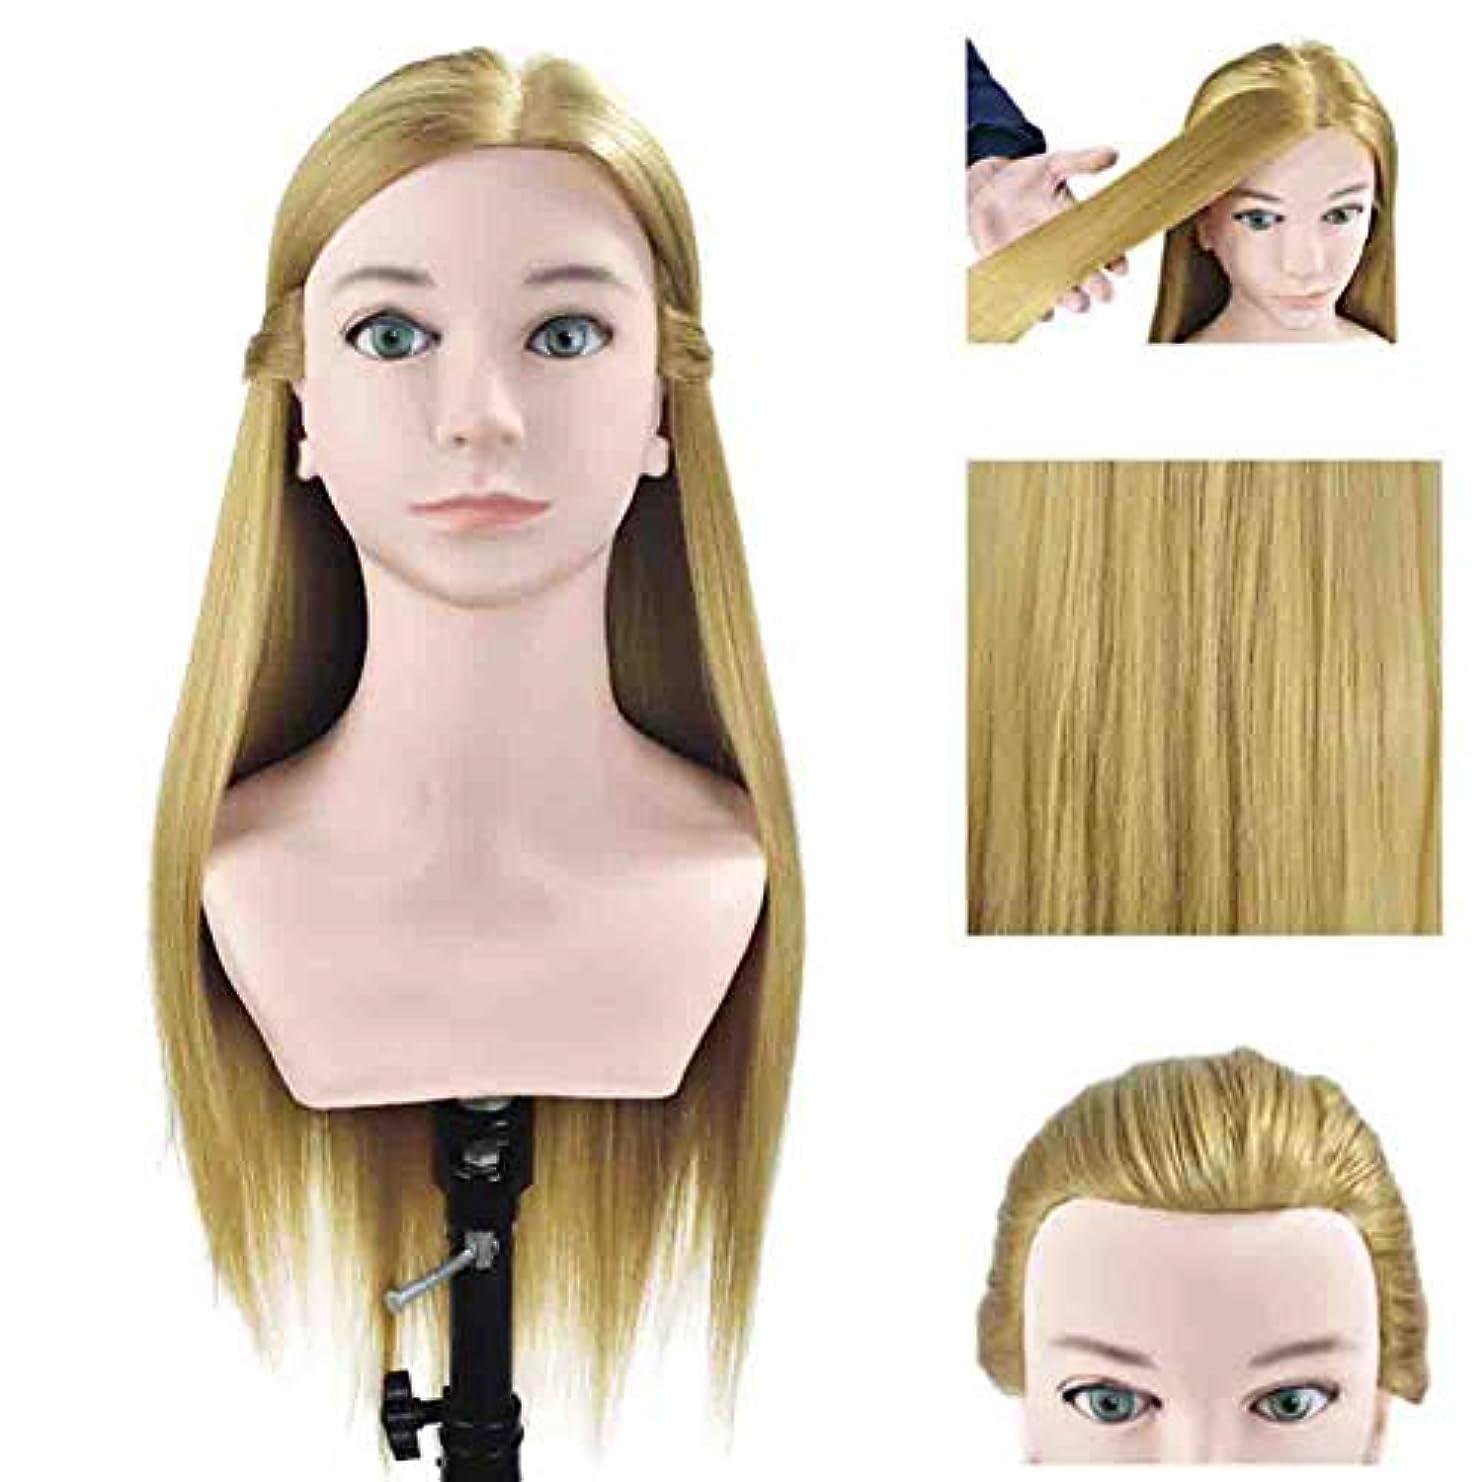 クリケット合理化結婚理髪店パーマ髪染め練習かつらヘッドモデルリアルヘアマネキンヘッド化粧散髪練習ダミーヘッド